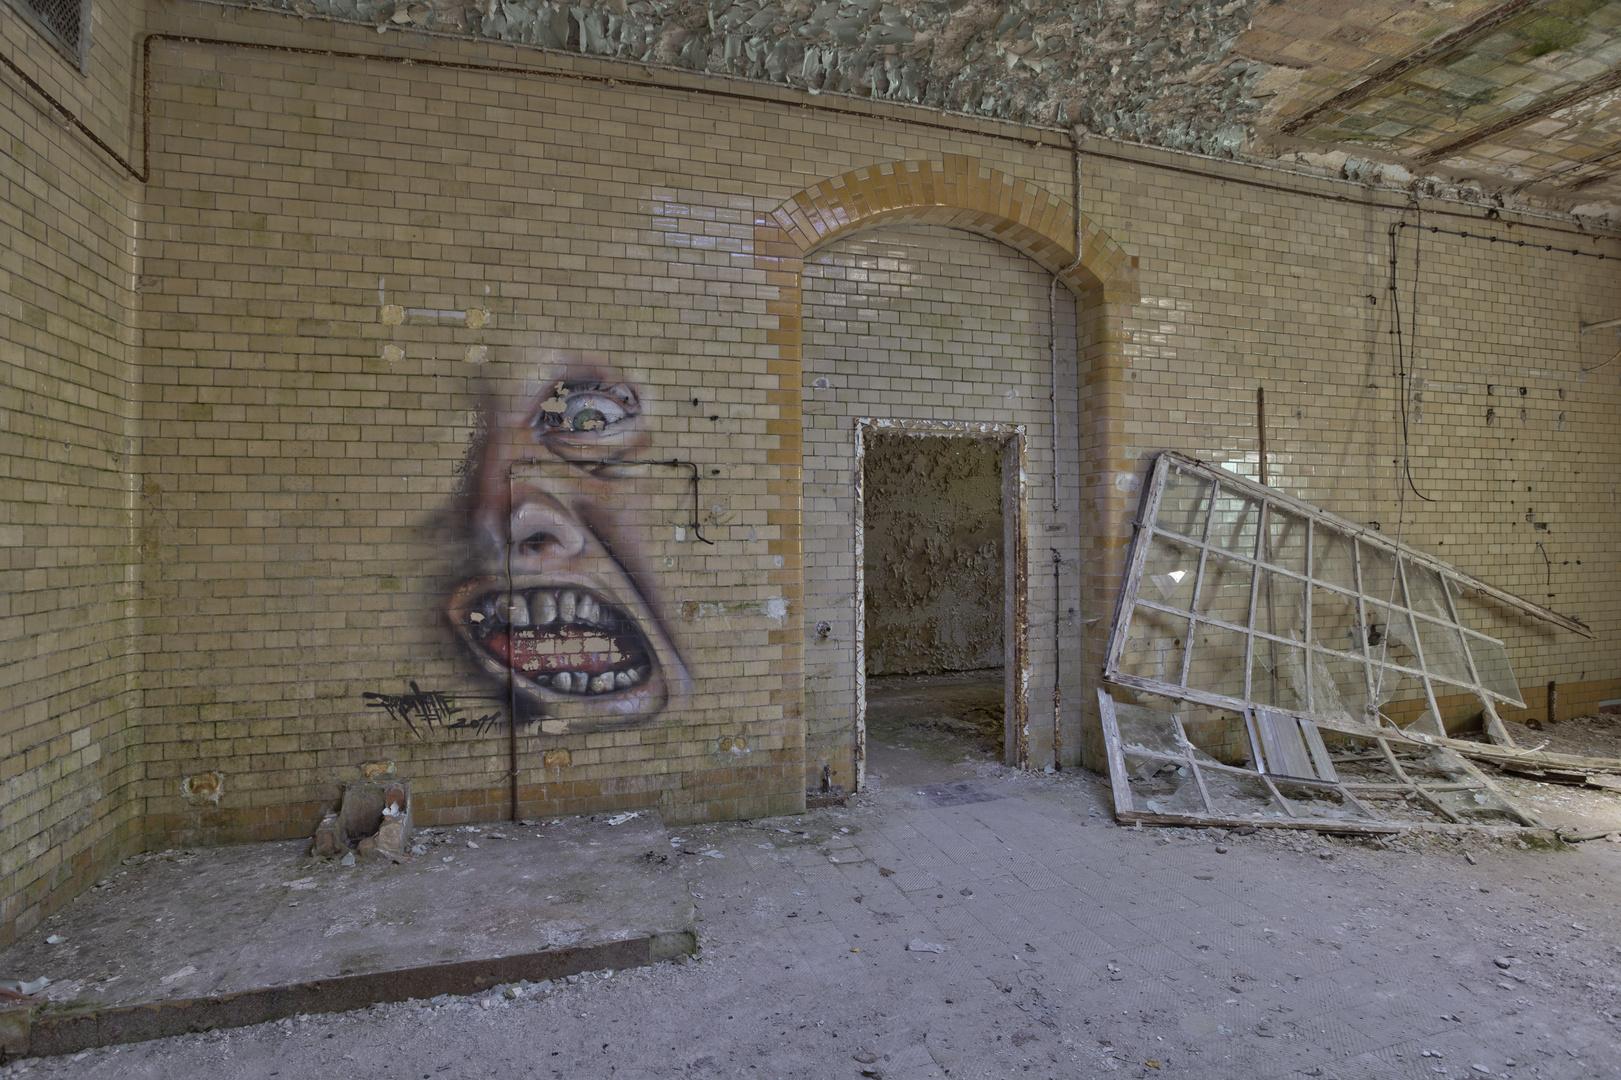 Beelitz Heilstätten - Frauensanatorium (26)